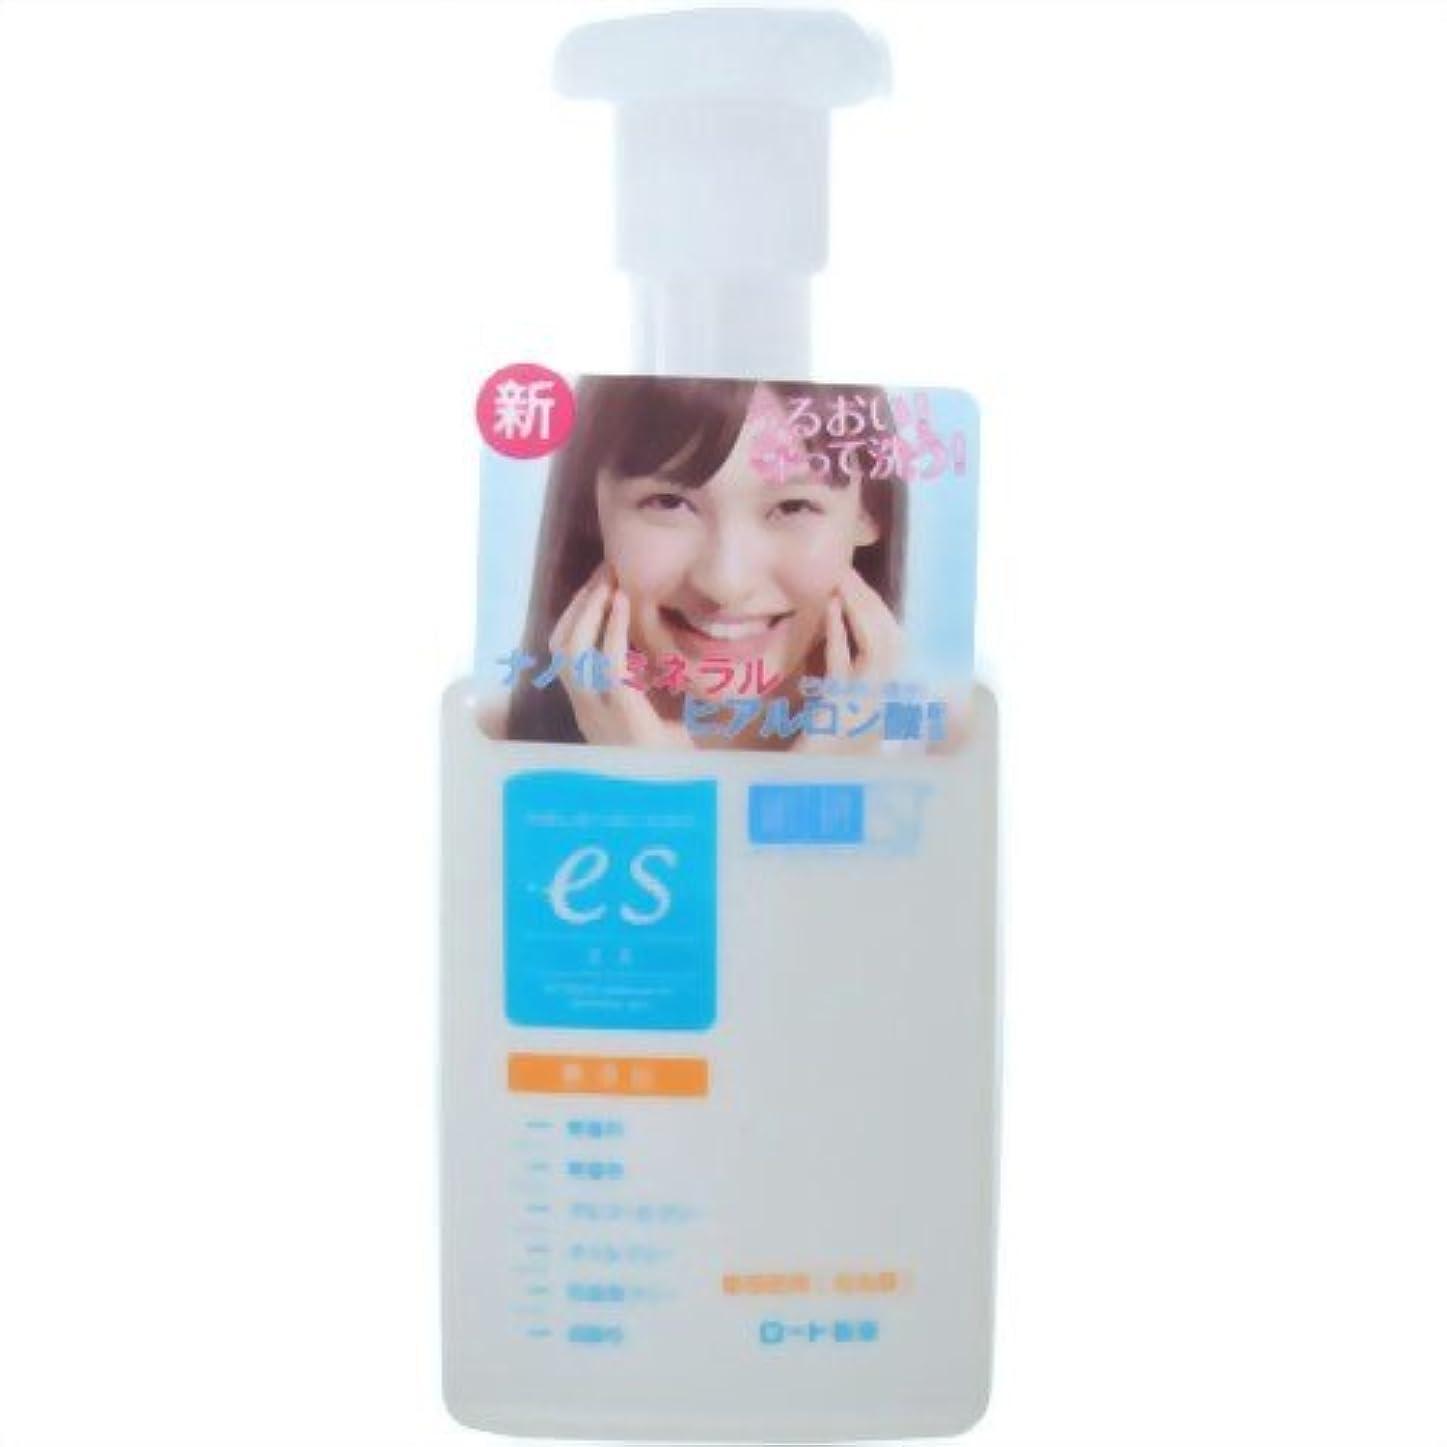 旅実行するソーダ水肌ラボ es(エス)ナノ化ミネラルヒアルロン酸配合 無添加処方 洗顔泡タイプ 160ml